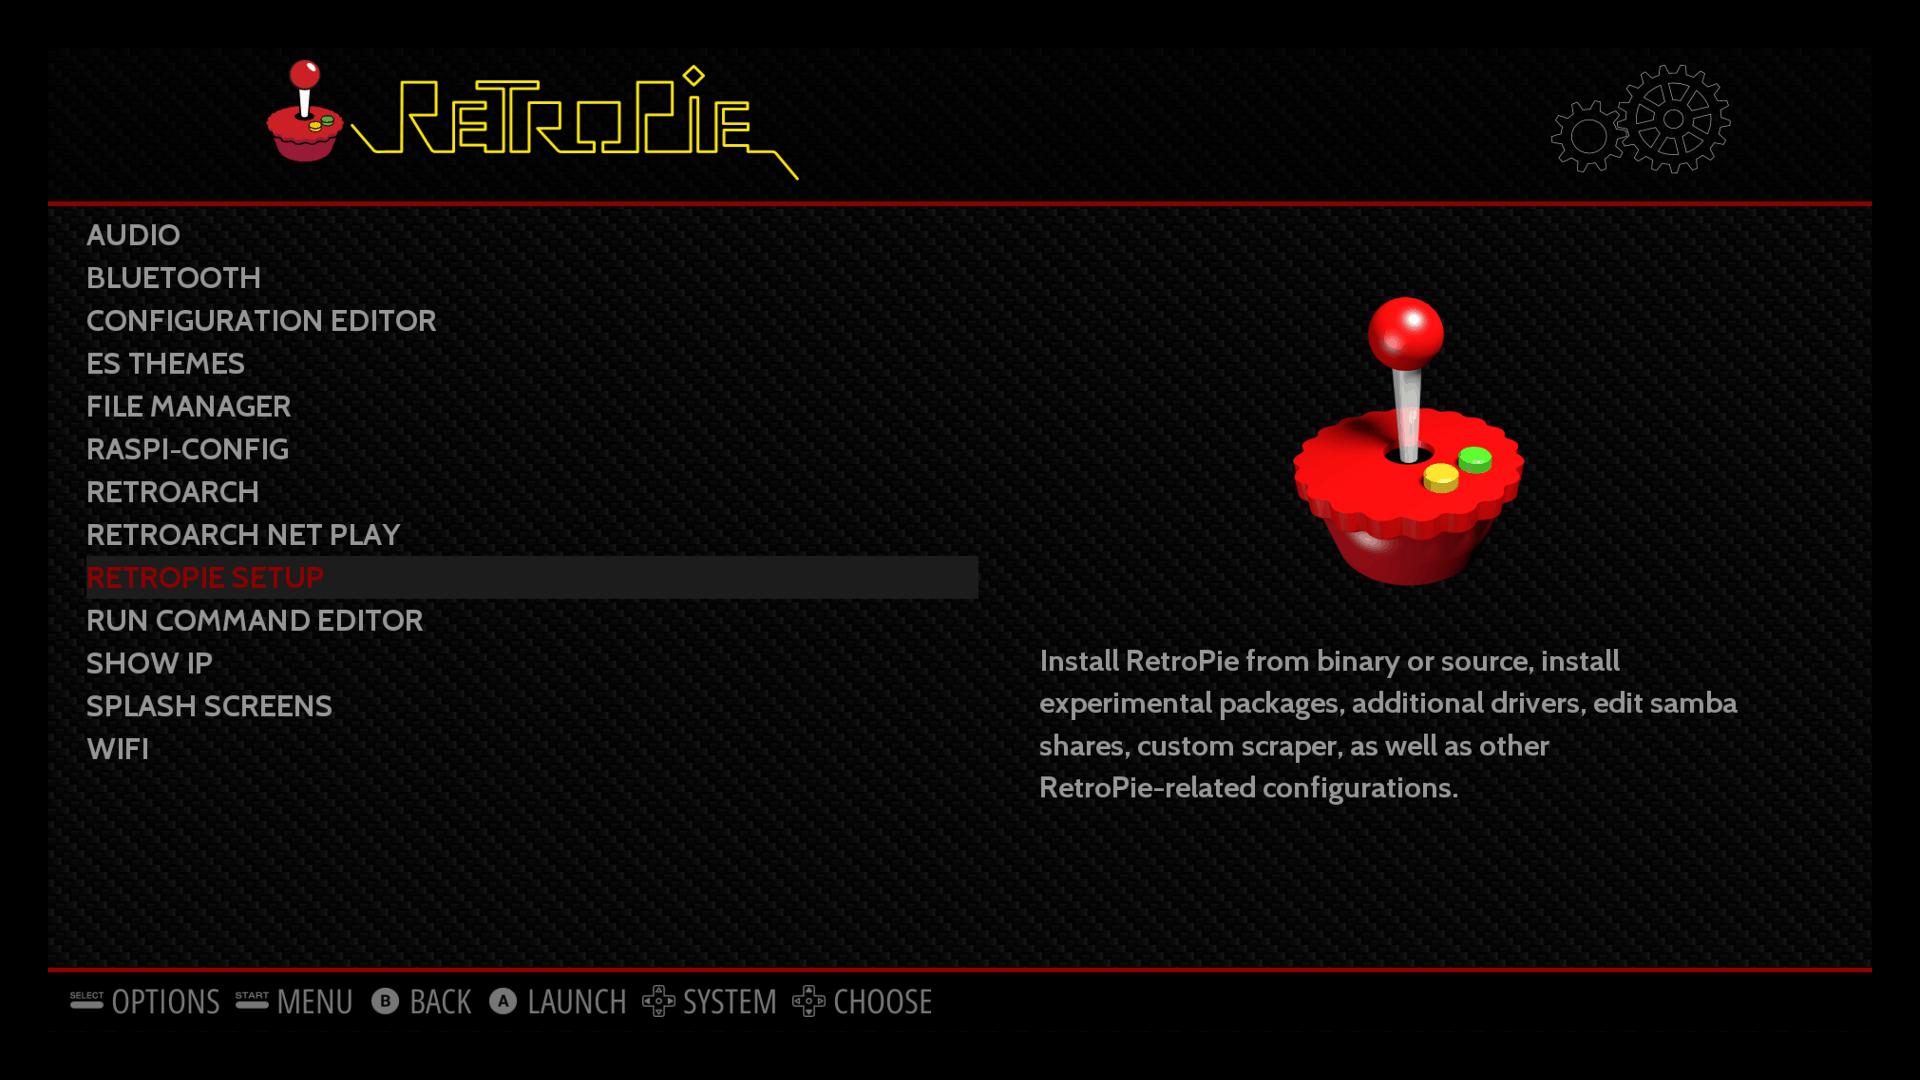 Kodi on RetroPie - RetroPie setup